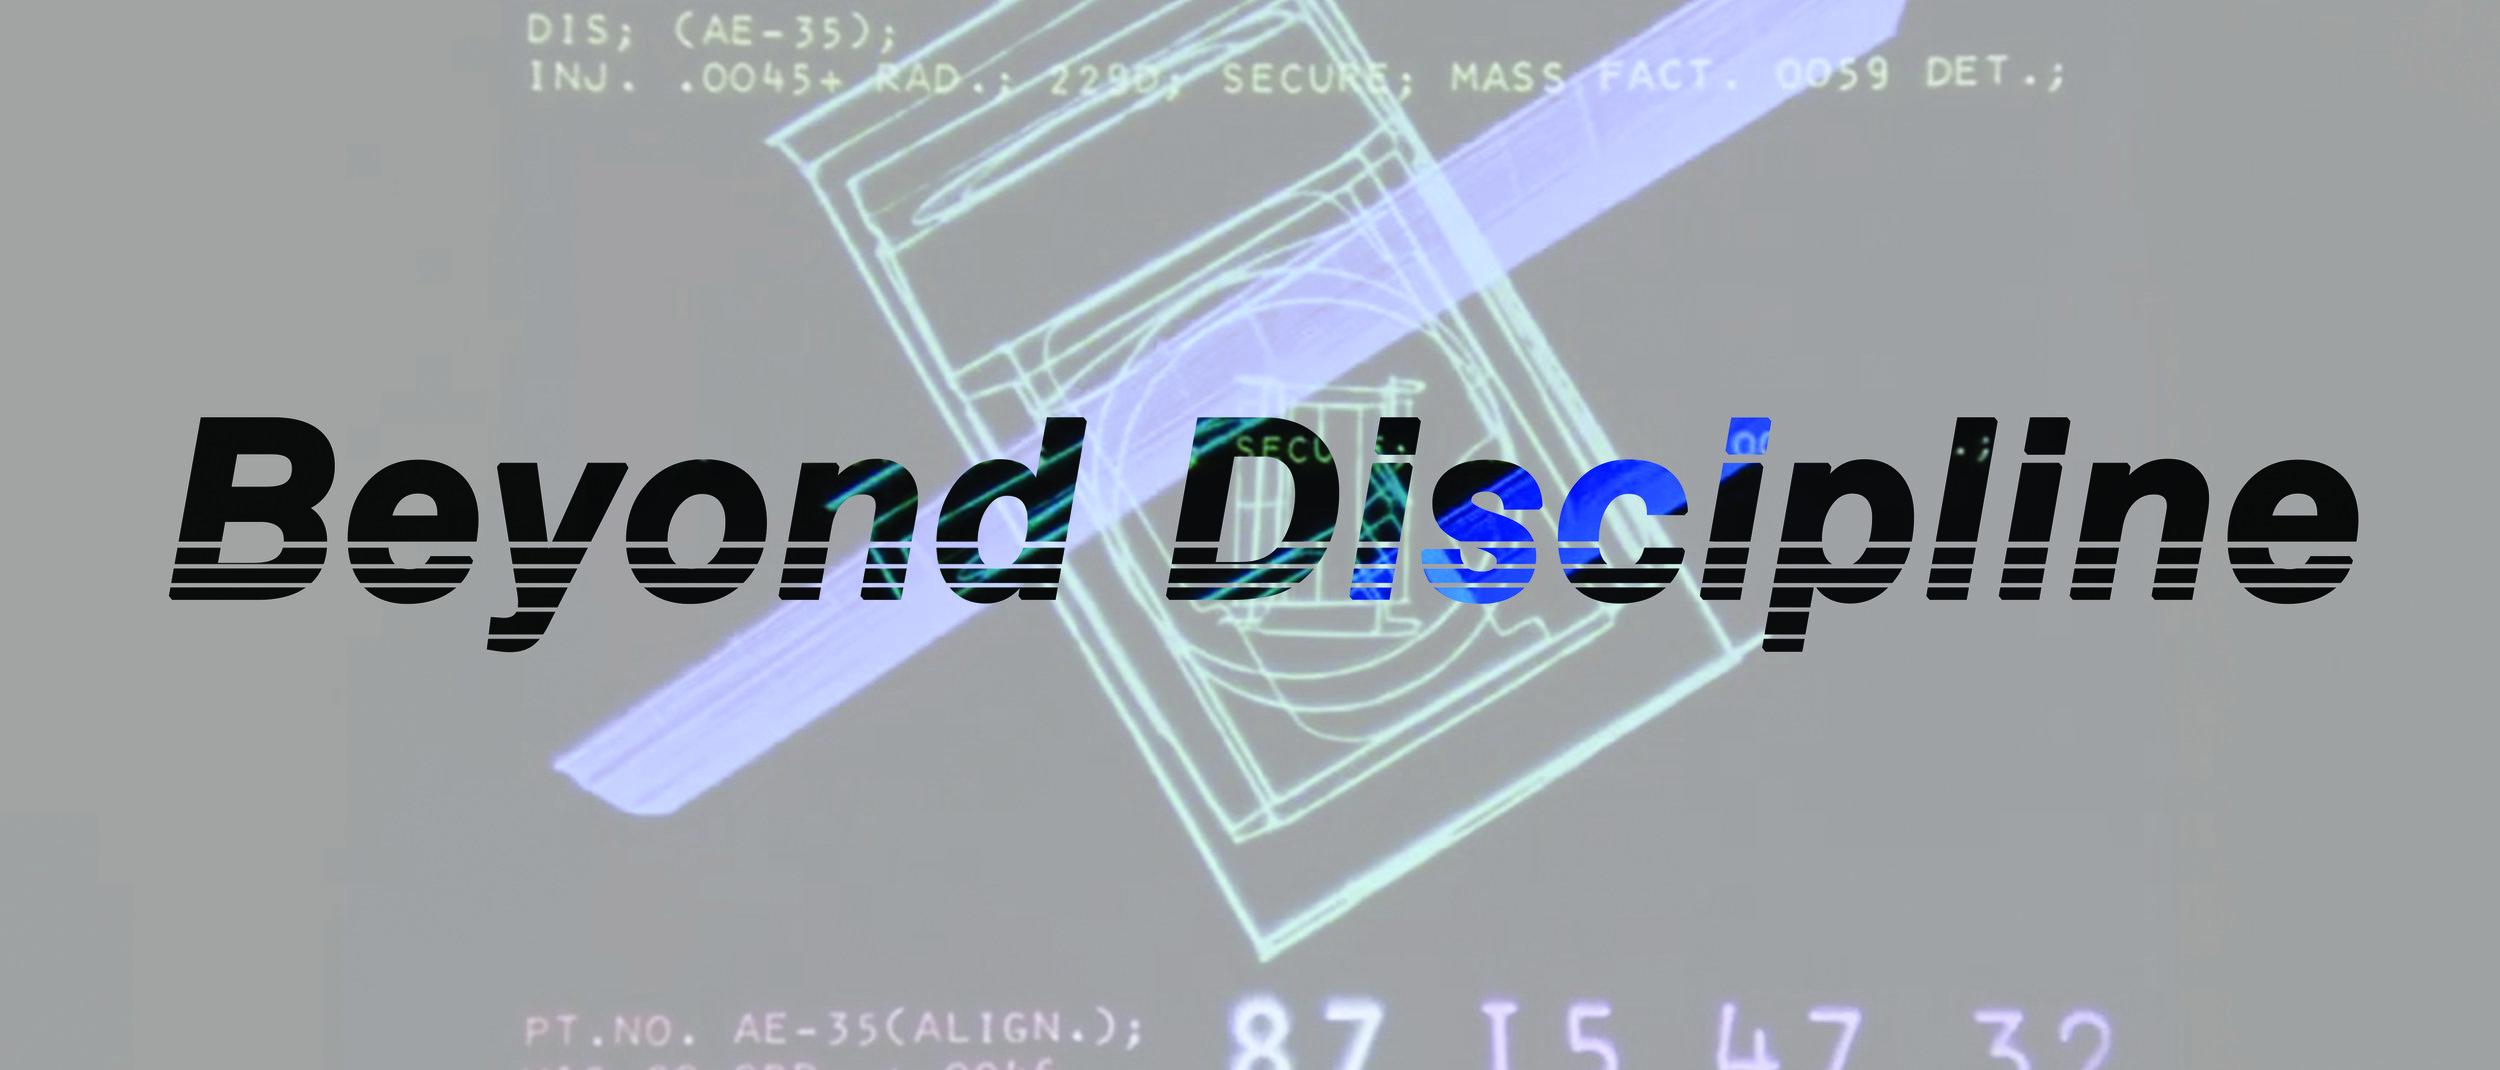 Beyond Discipline Mood Board image.jpg